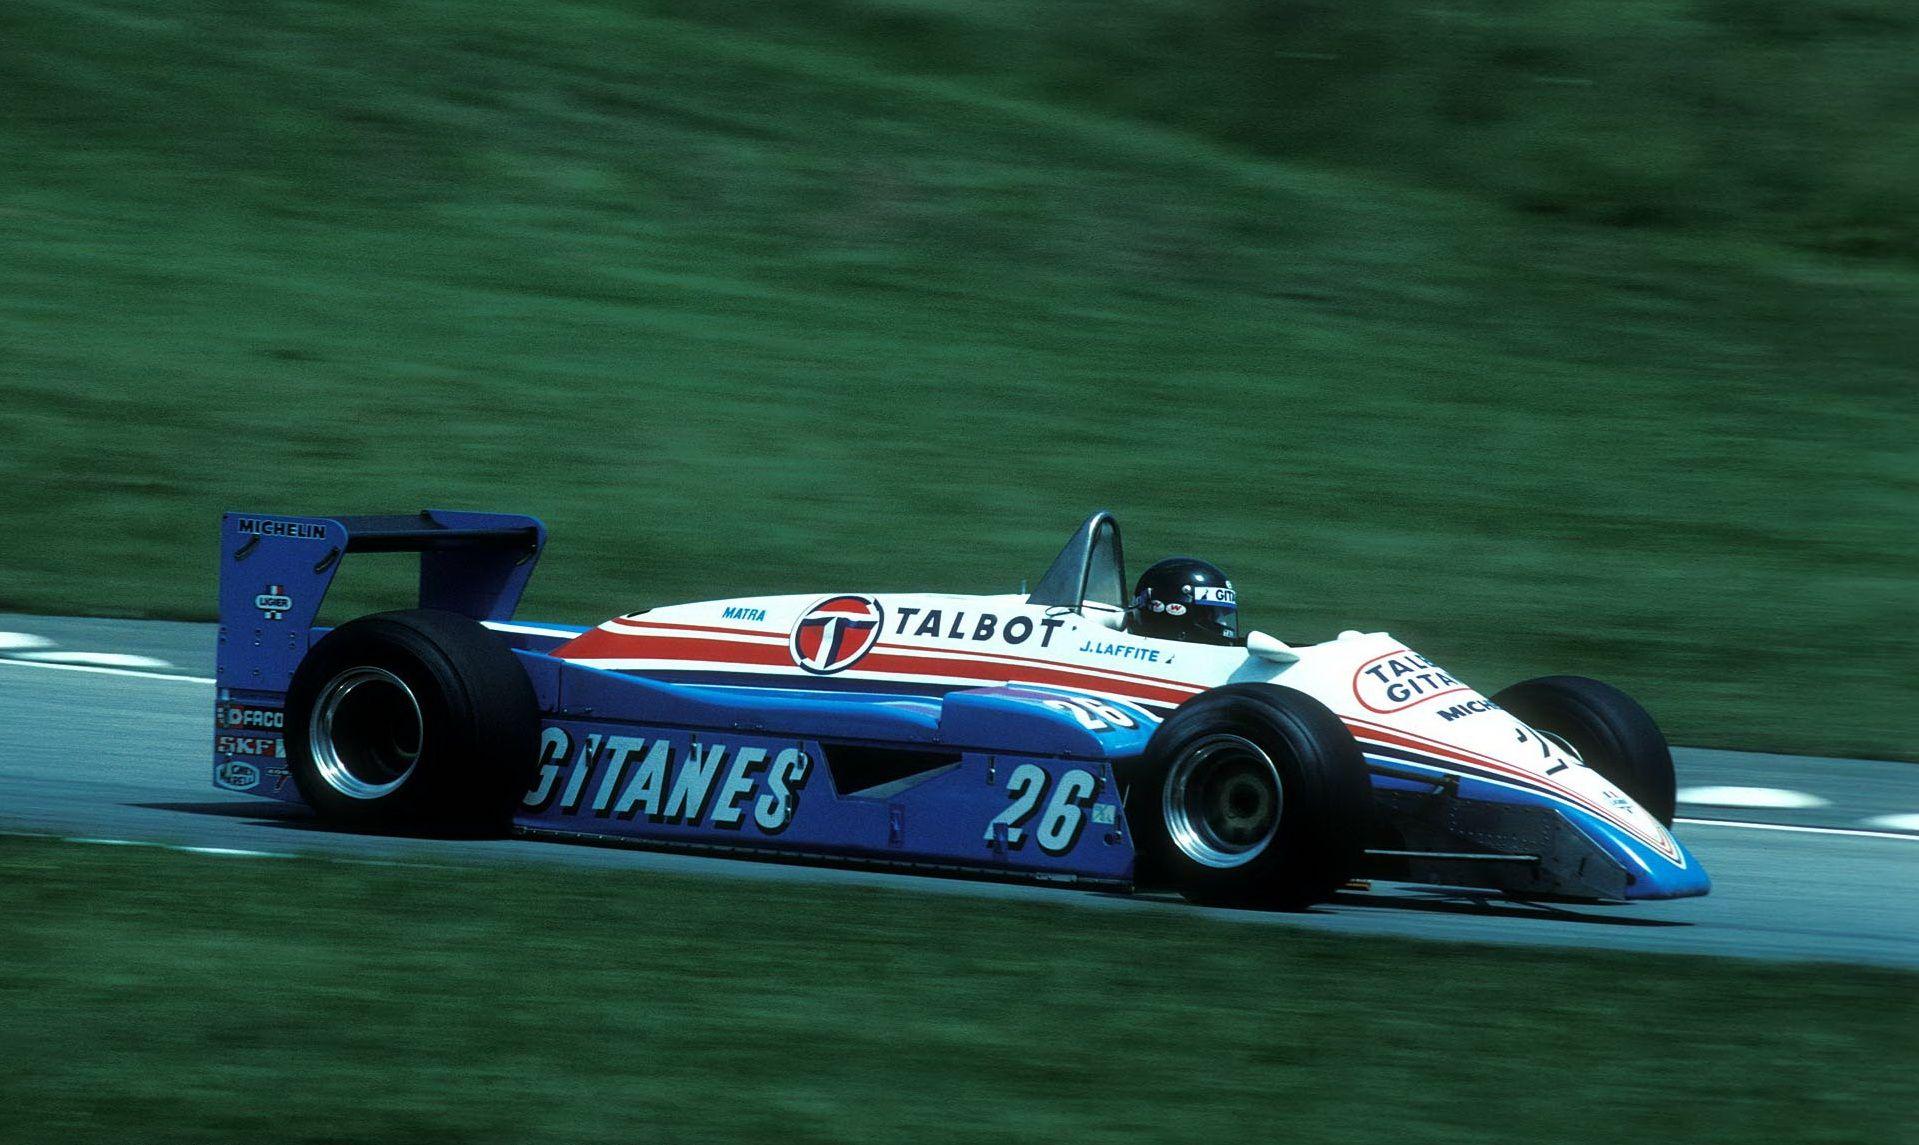 1982, Jacques Laffite, Ligier JS19Matra フォーミュラカー, グランプリ